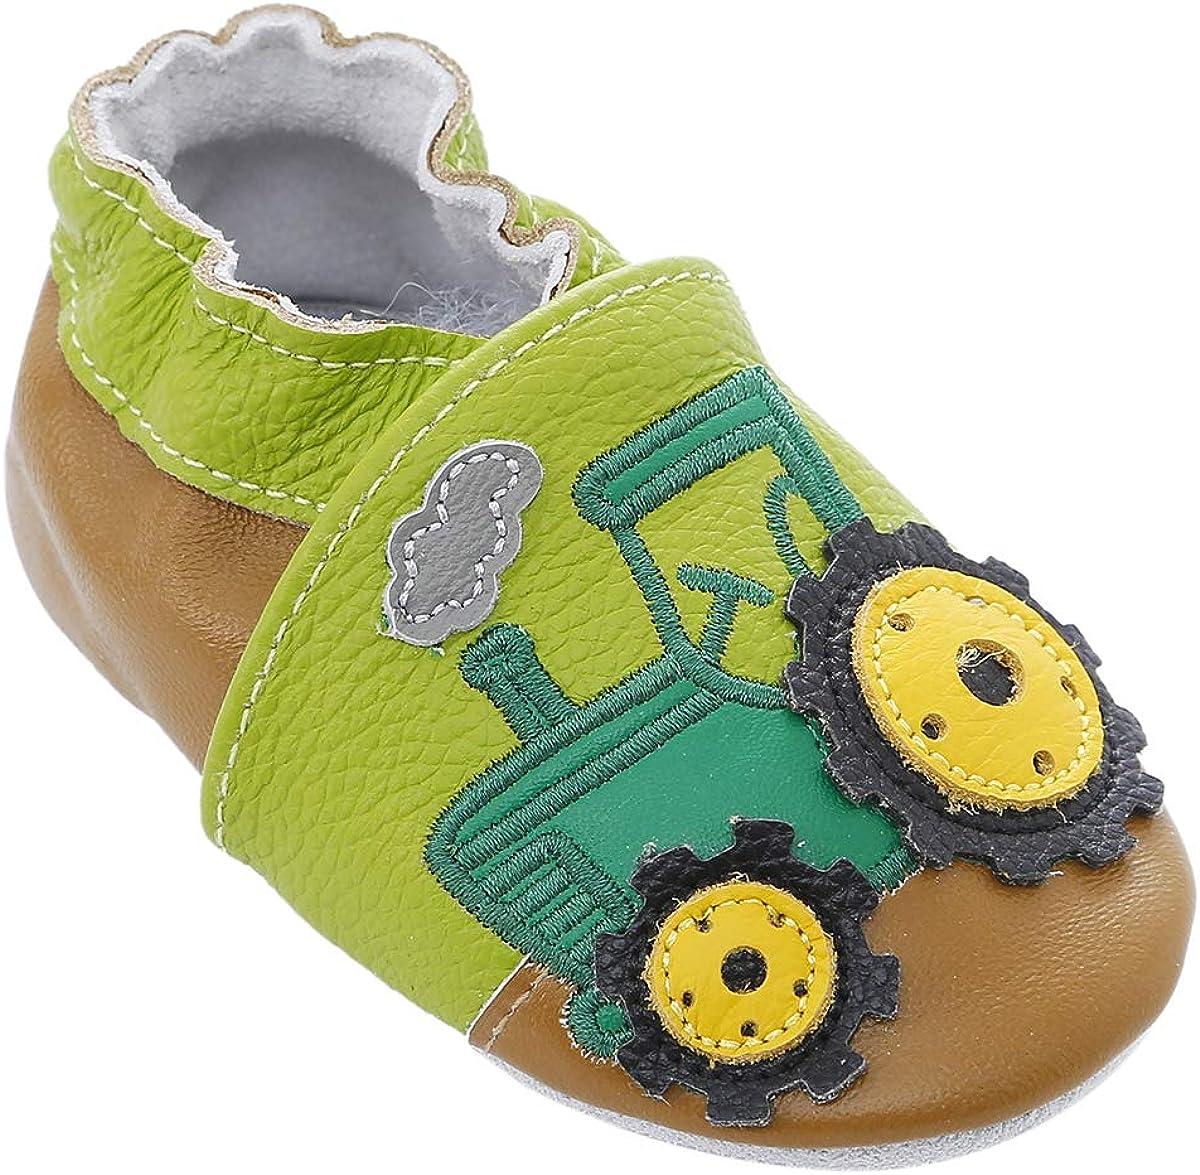 Zapatos de bebé de Cuero Suave con Mocasines Suelas de Gamuza para bebés Niños pequeños Niños Prewalker Zapatos